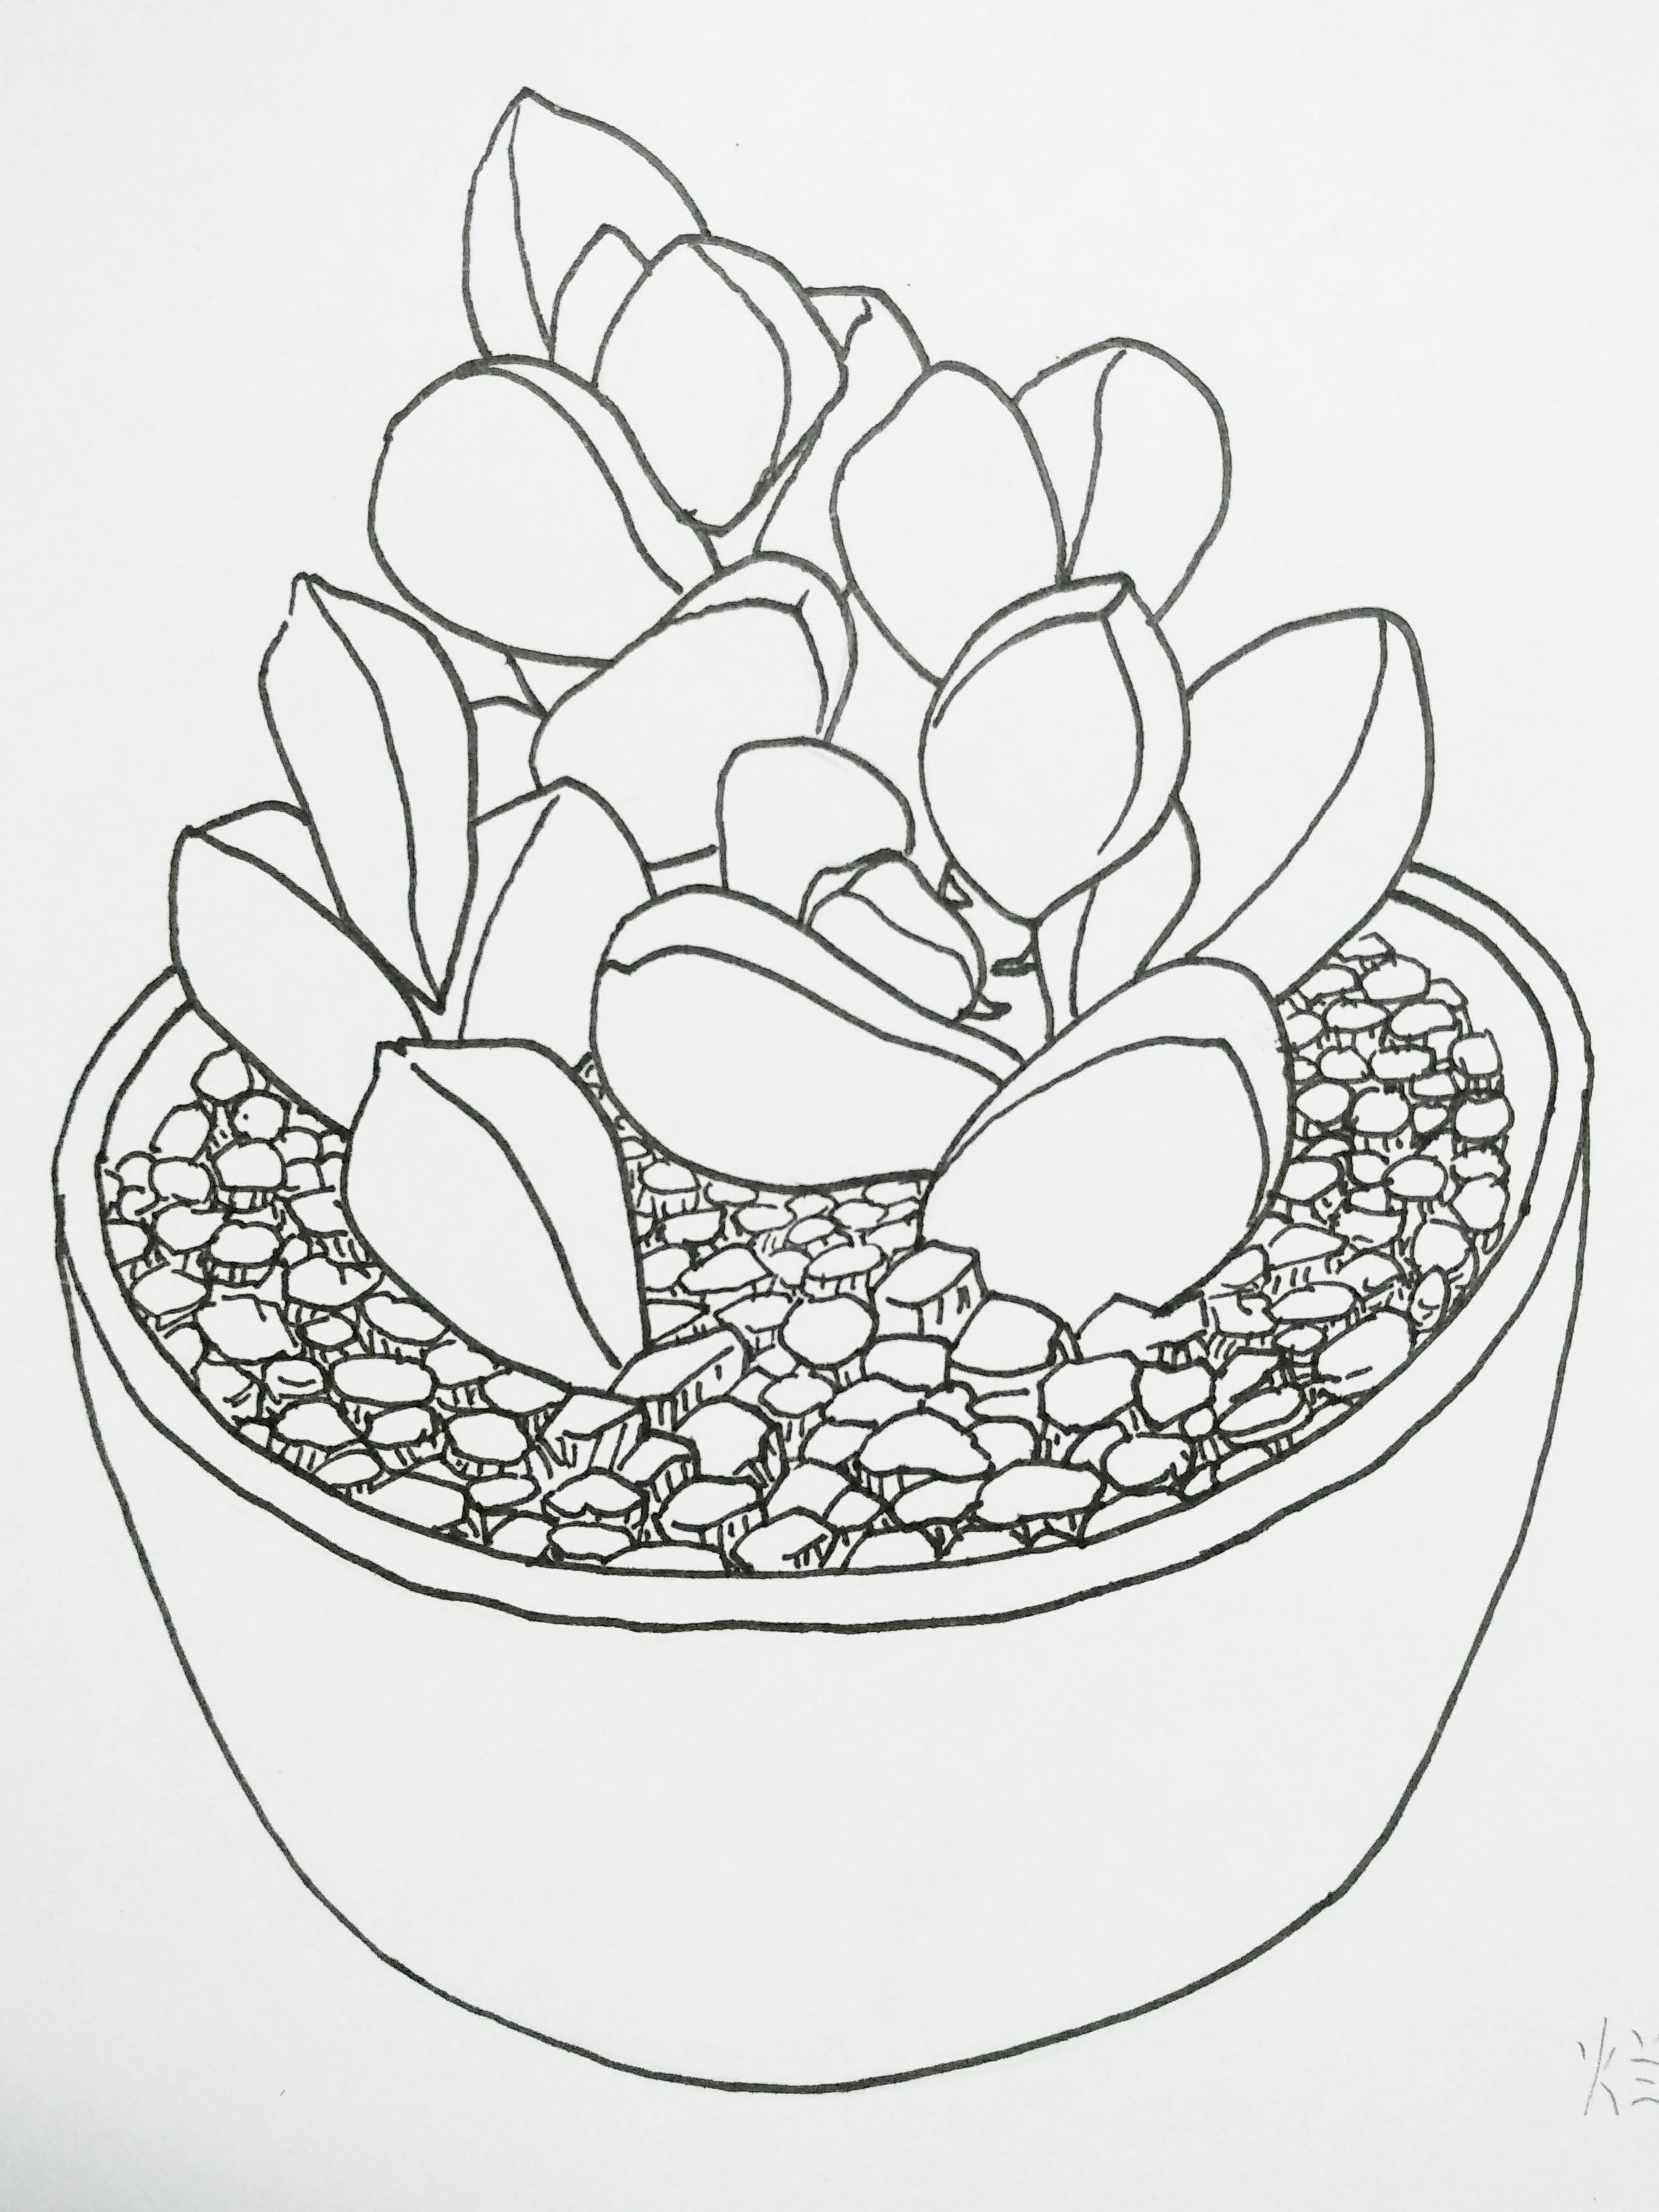 手绘涂鸦线条画